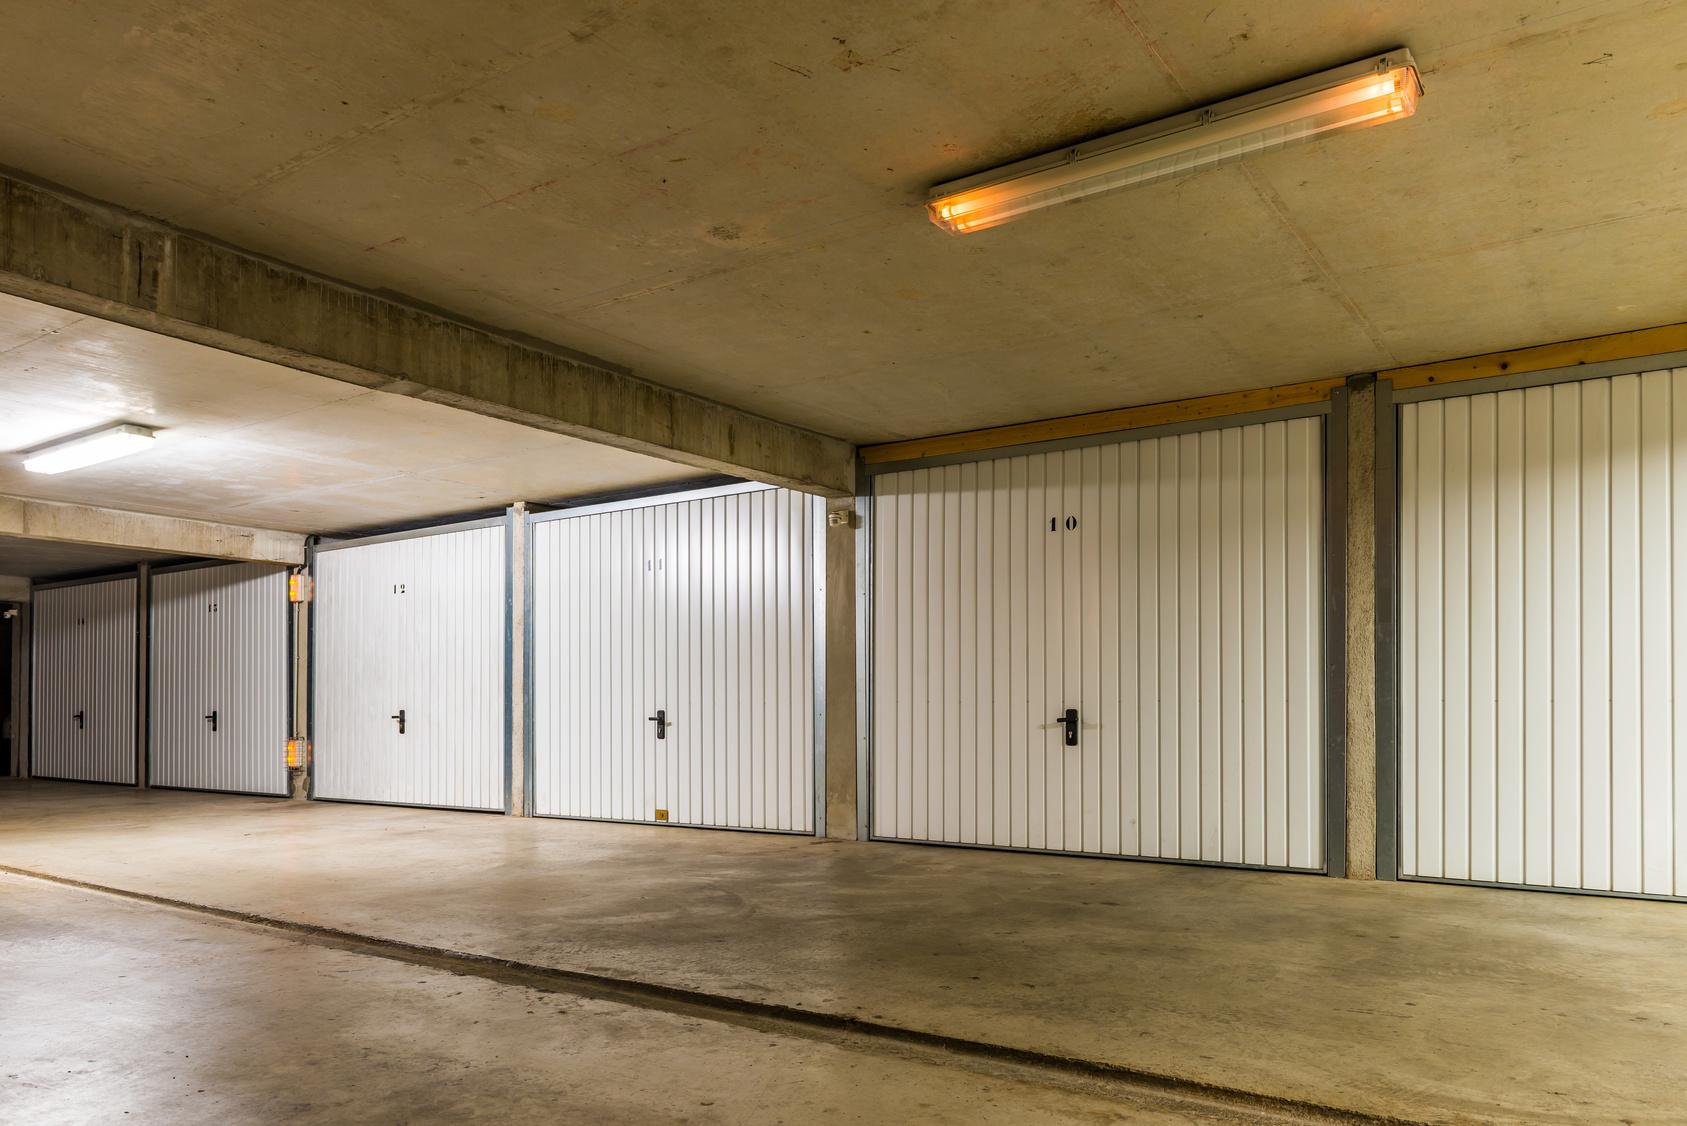 Porte De Garage Hormann Pas Cher porte de garage lyon - devis gratuit pour assurance